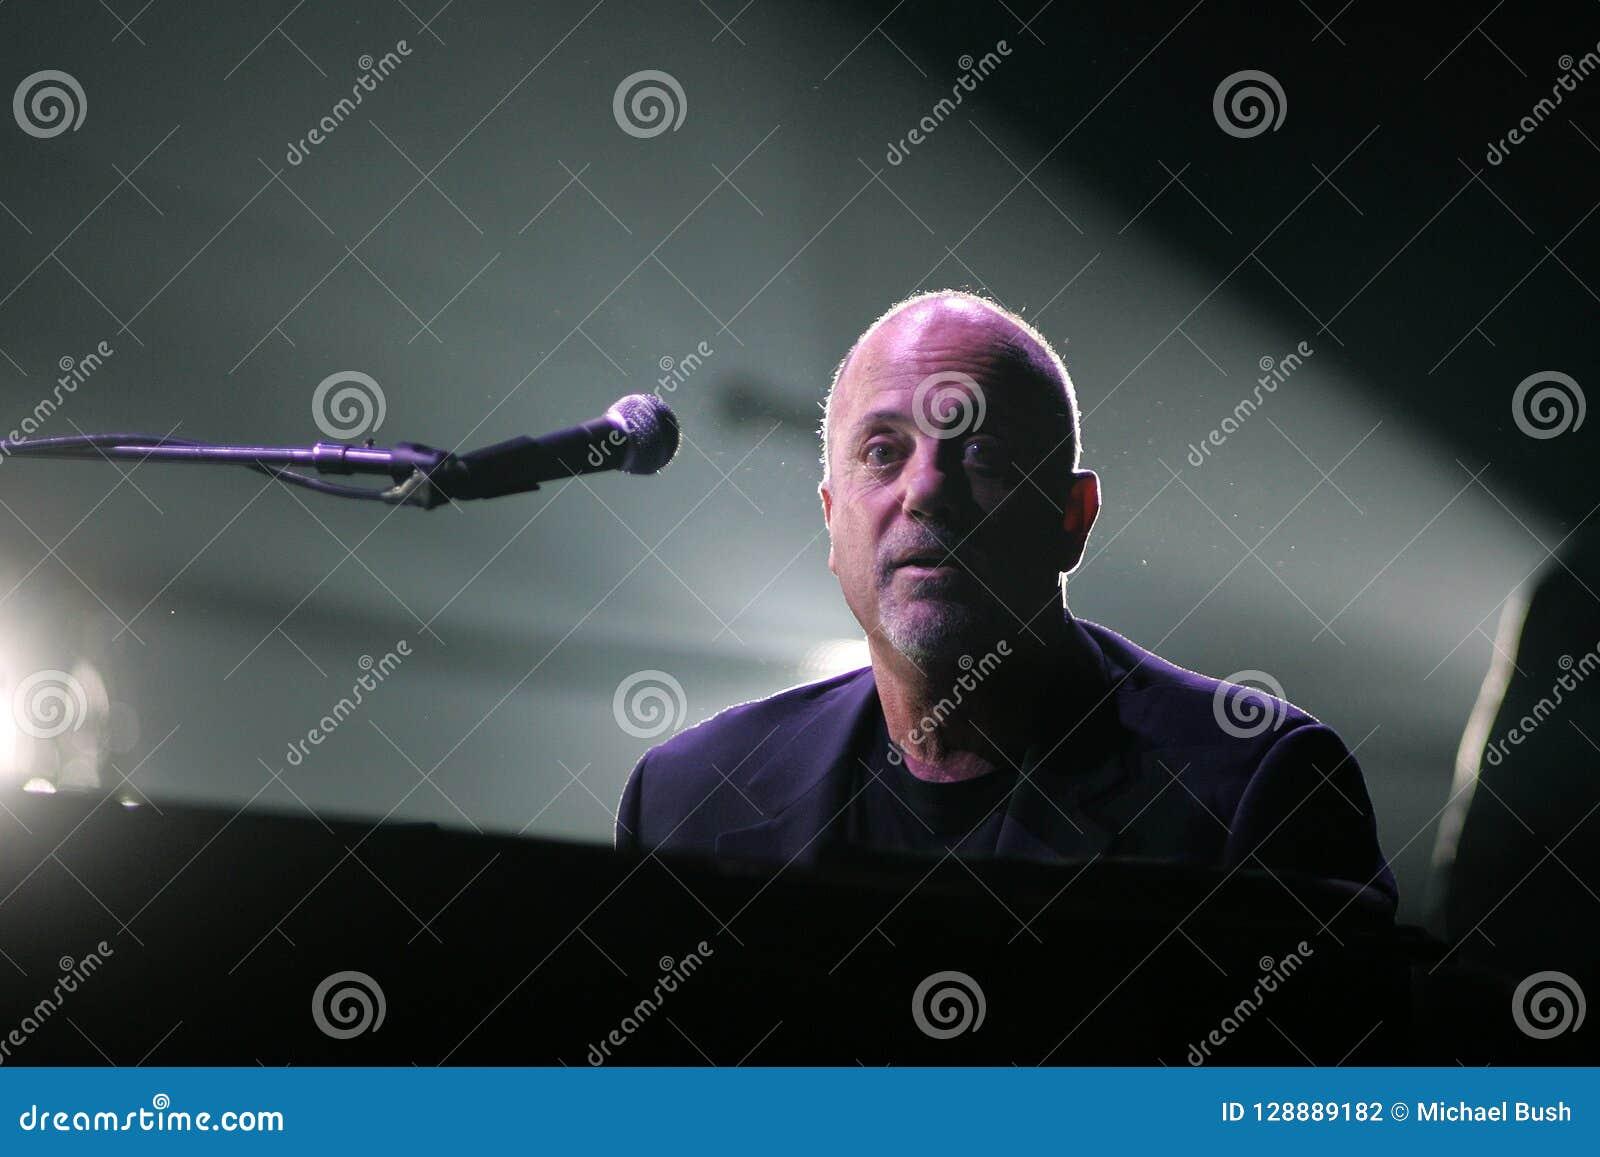 Billy Joel Performs in Overleg